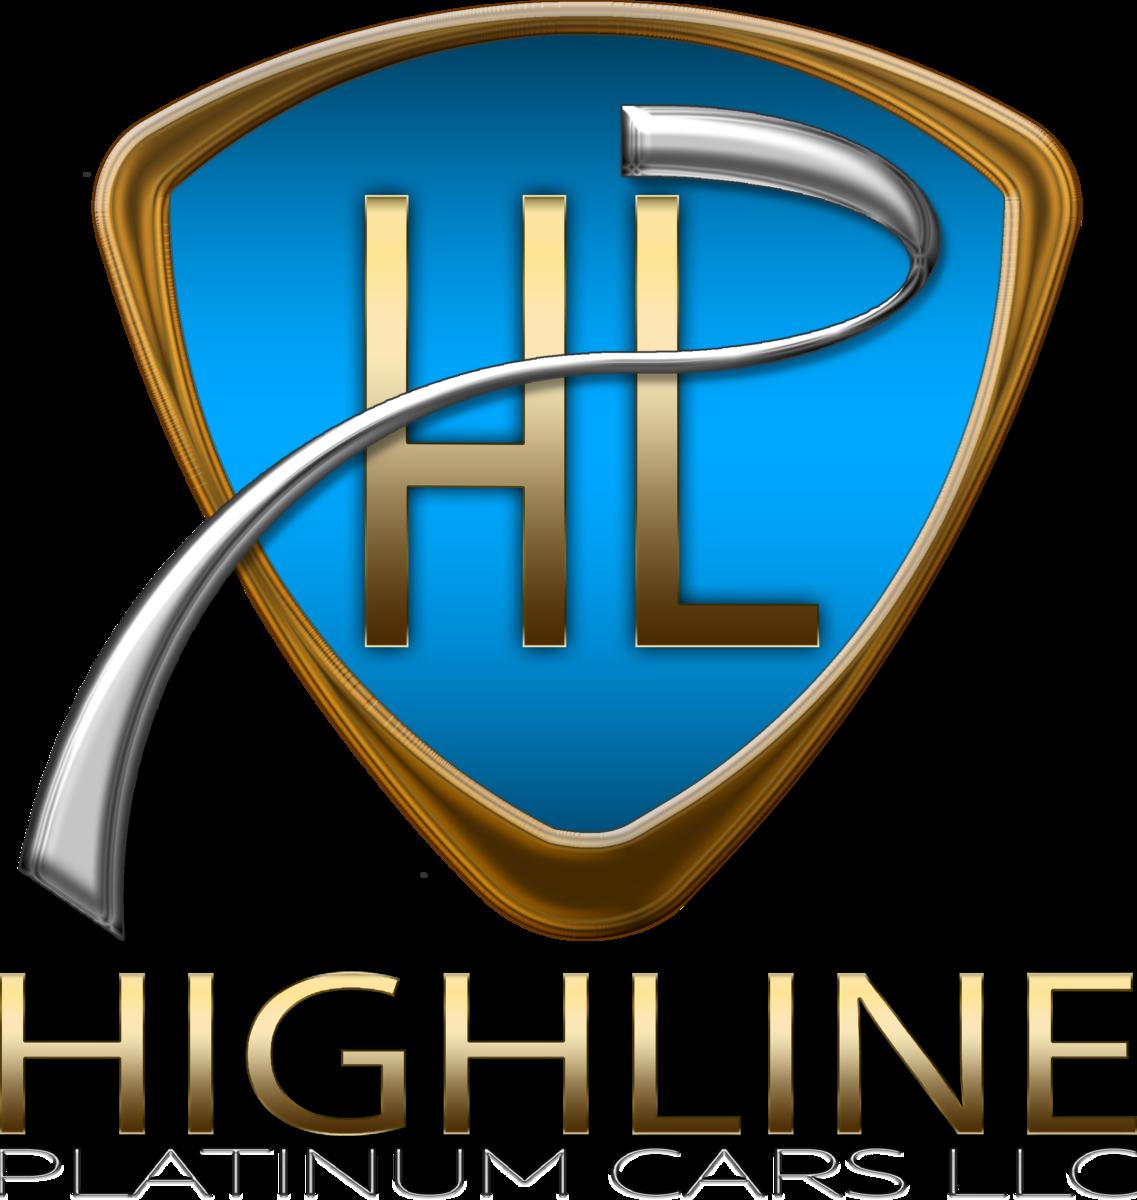 Highline Platinum Cars LLC